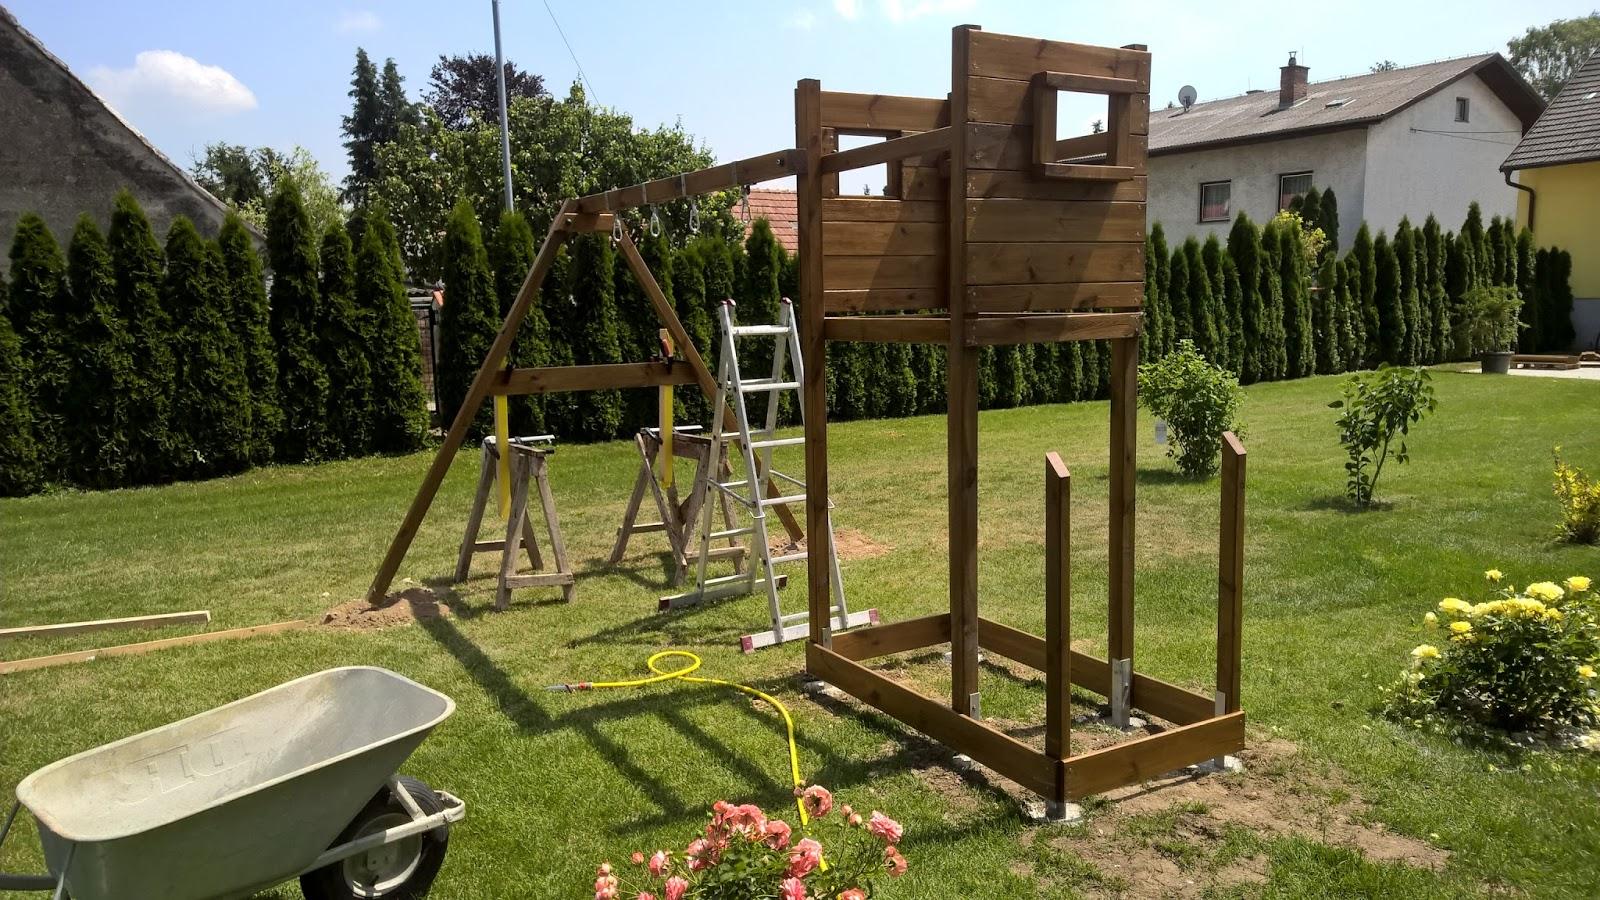 Holz und Metall - Ein Heimwerkerblog: Kinderschaukel richtig aufstellen